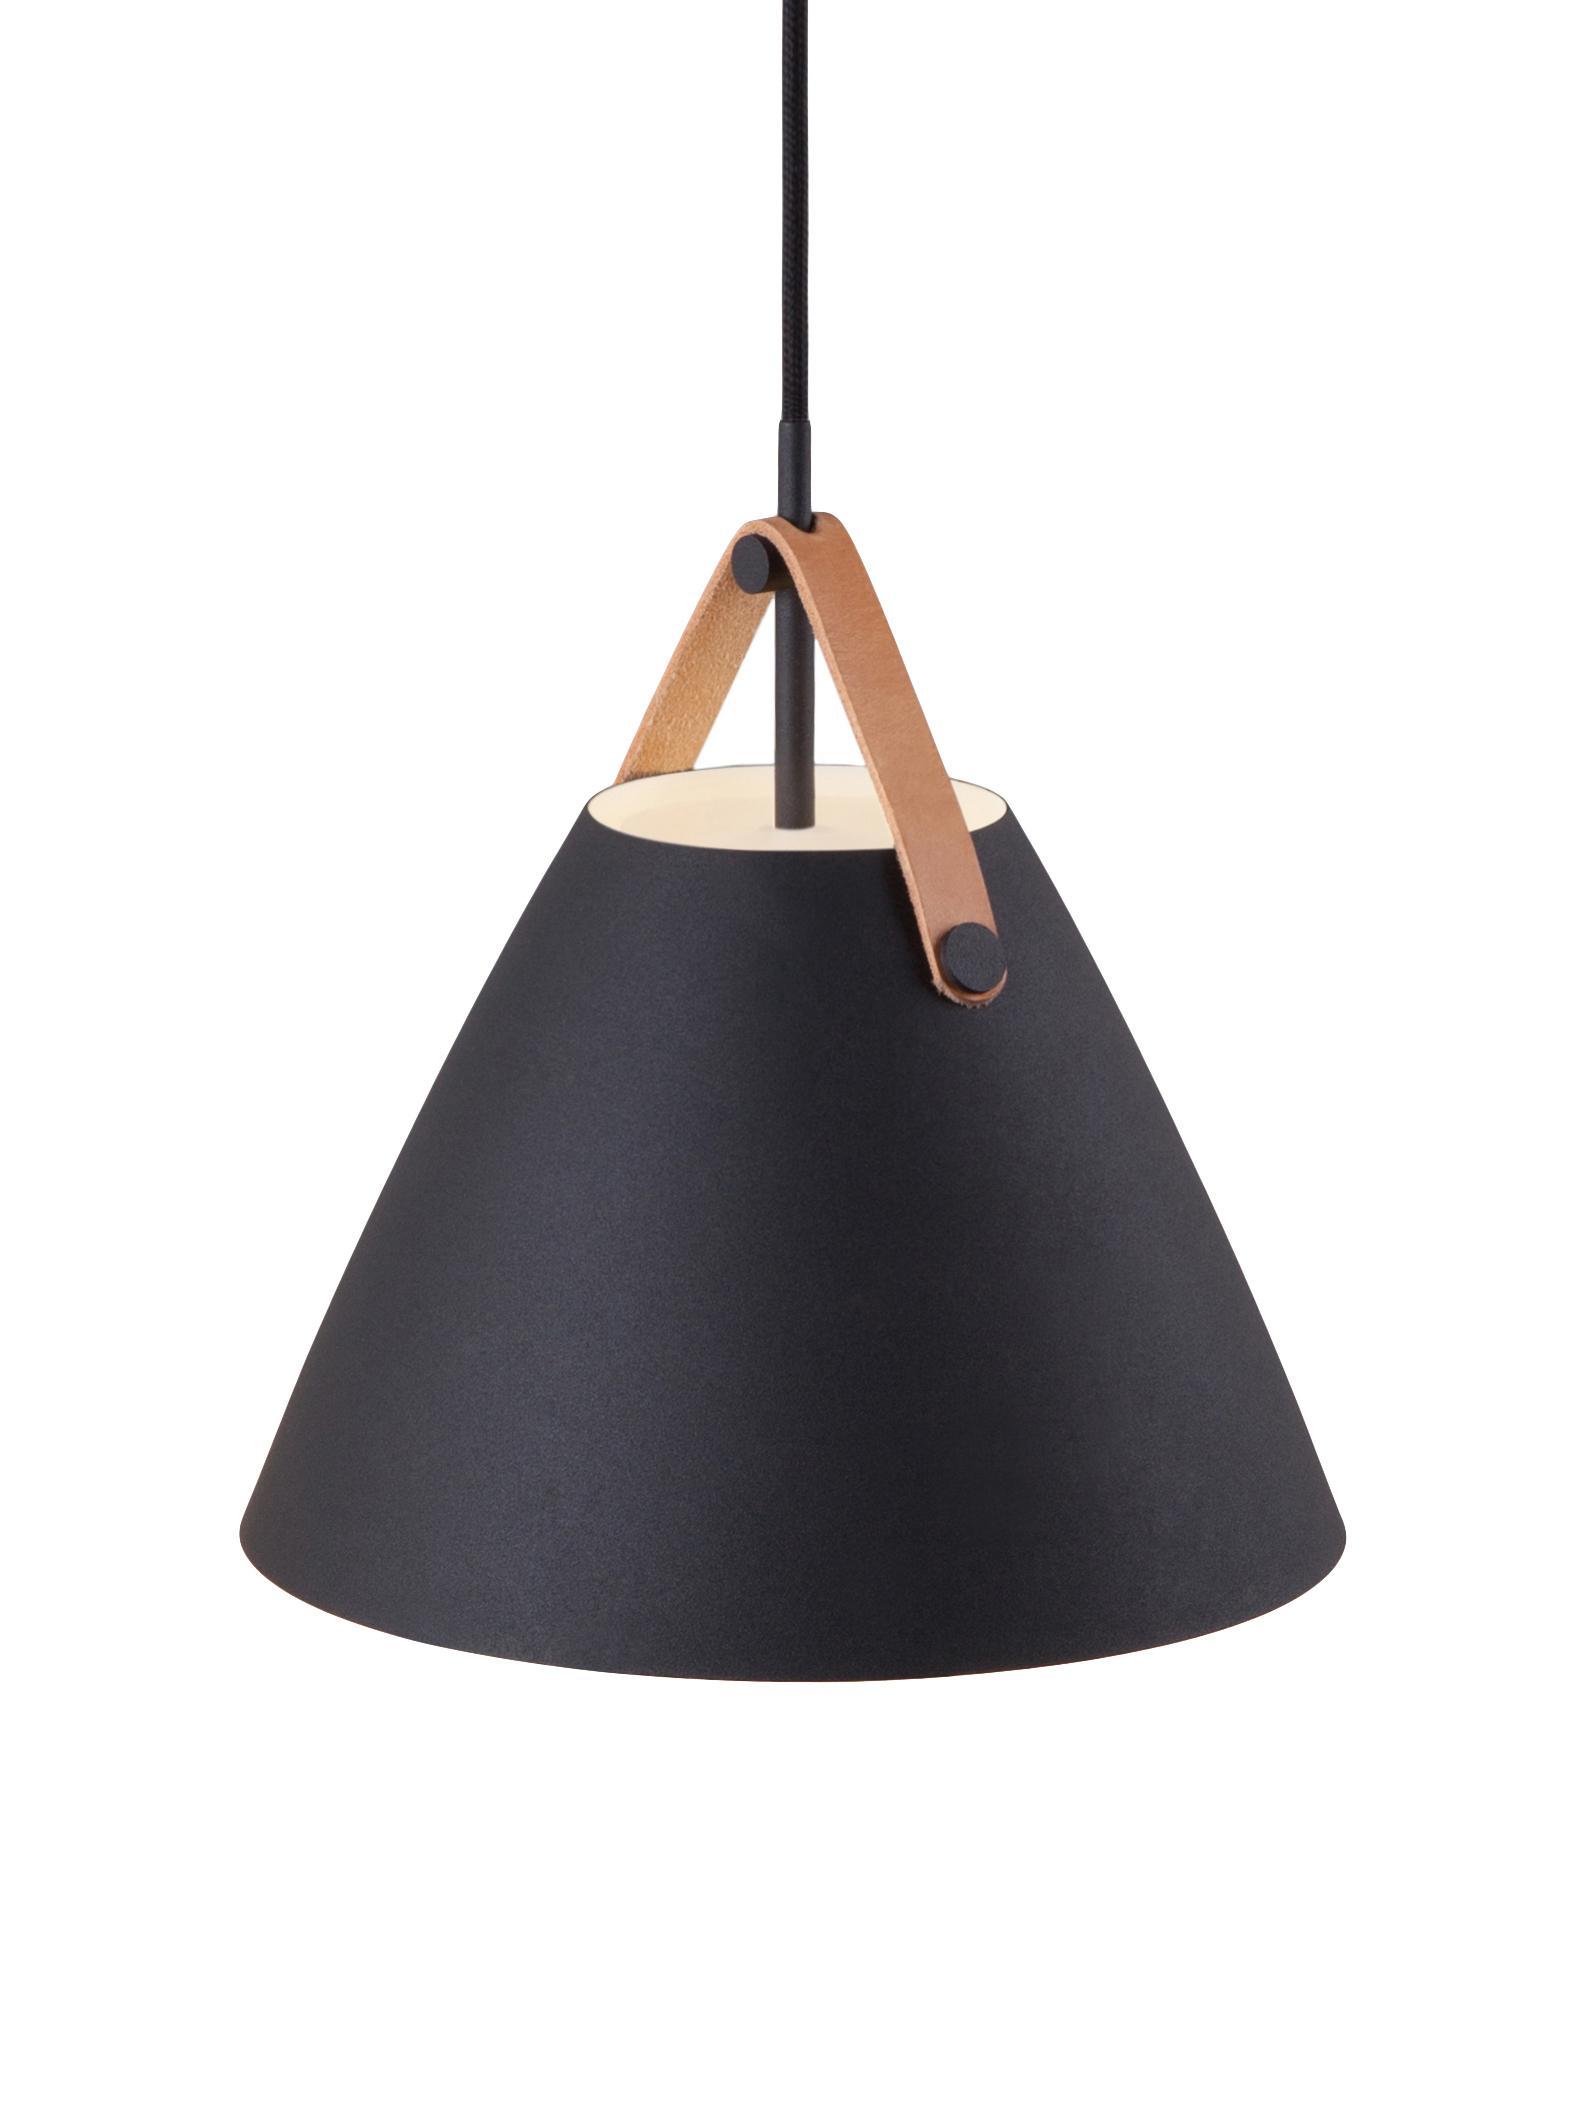 Mała lampa wisząca ze skórzanym paskiem Strap, Czarny, Ø 27 x 25 cm